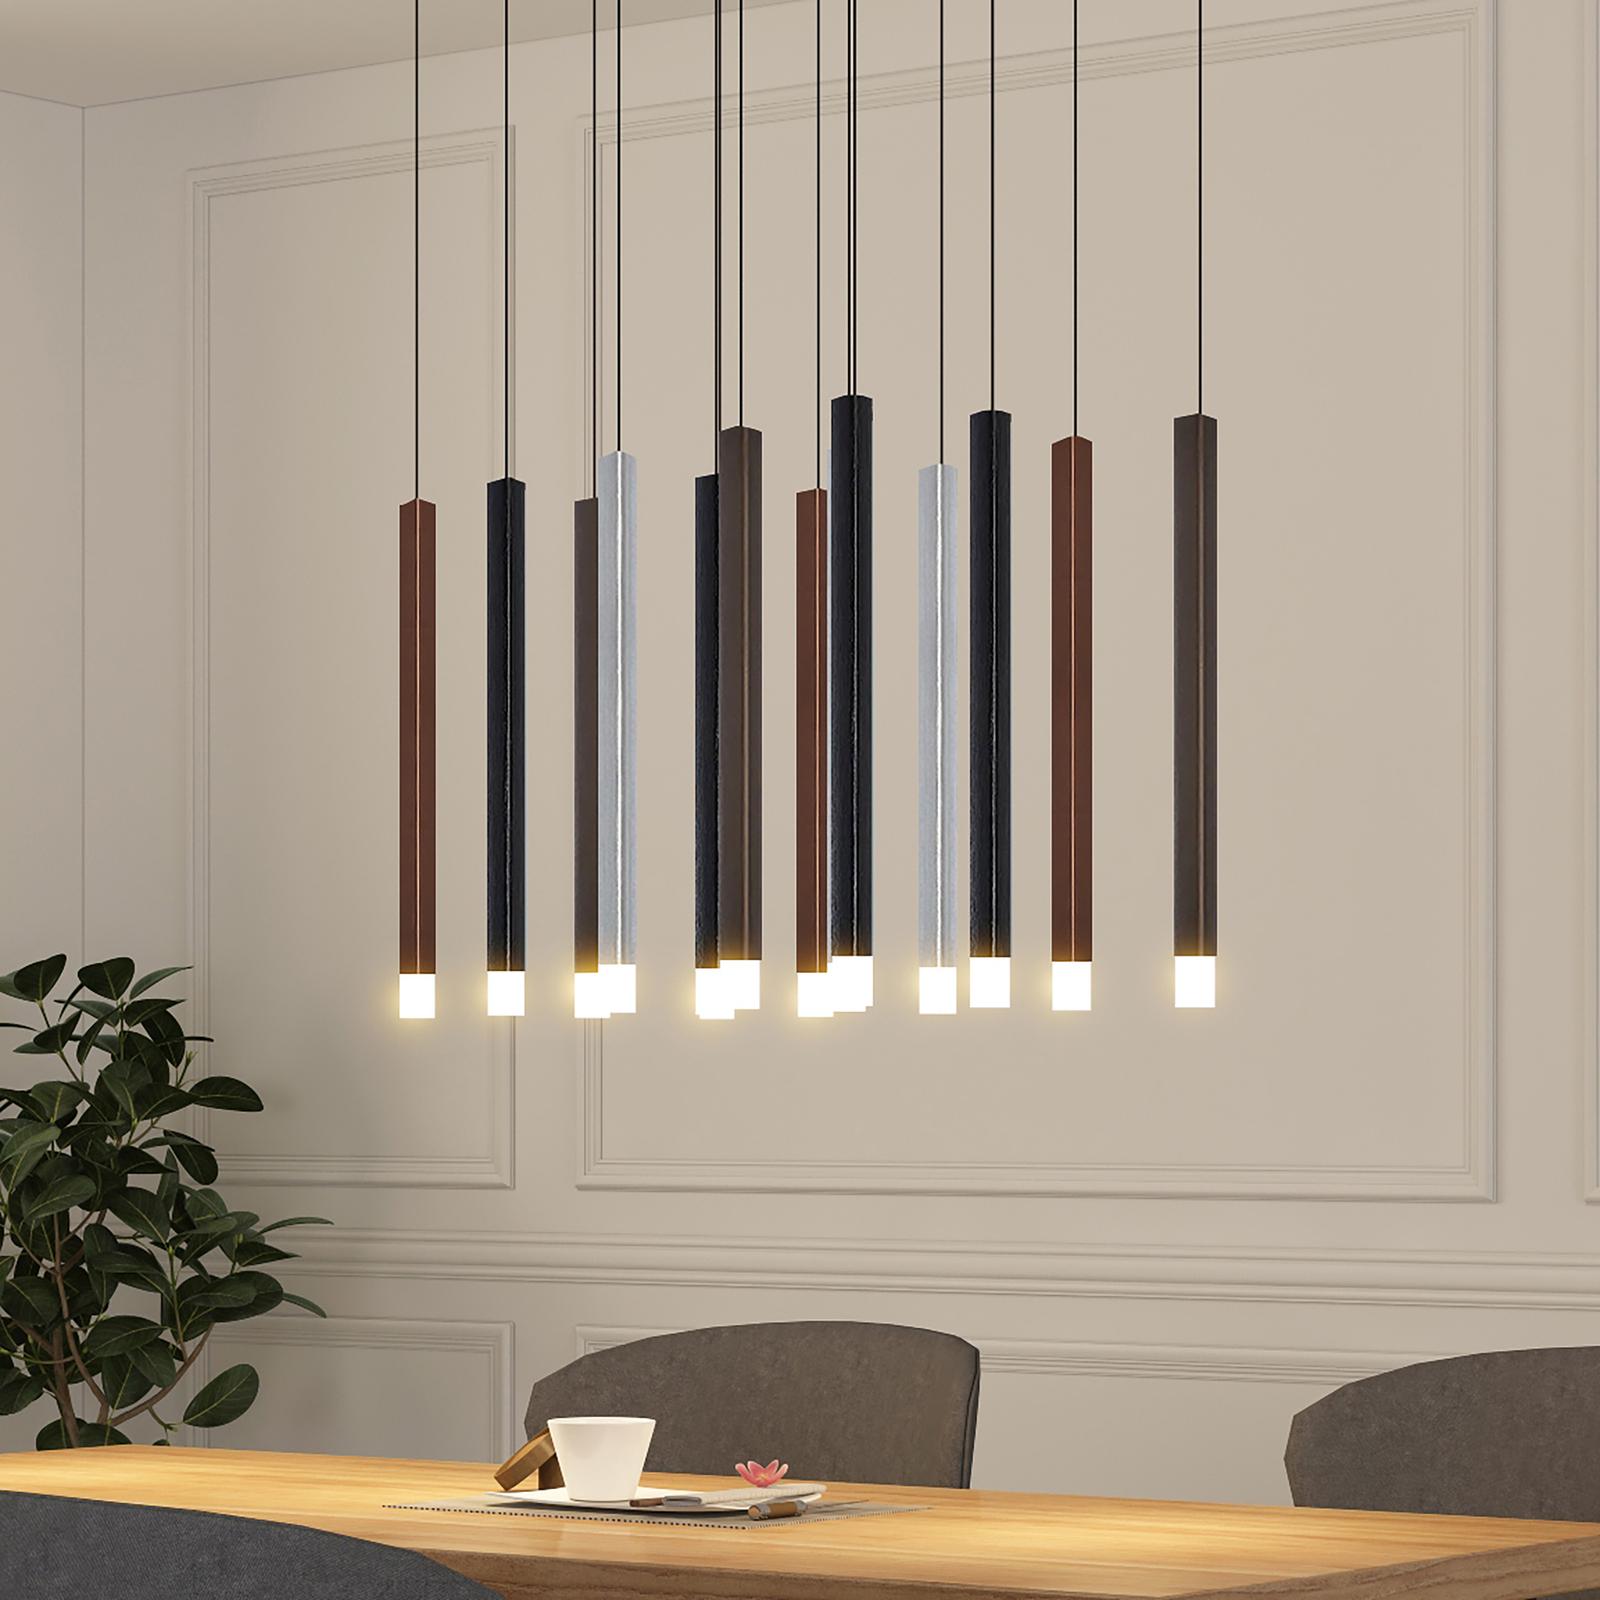 Lucande Stoika LED-hengelampe, 16 lyskilder kantet